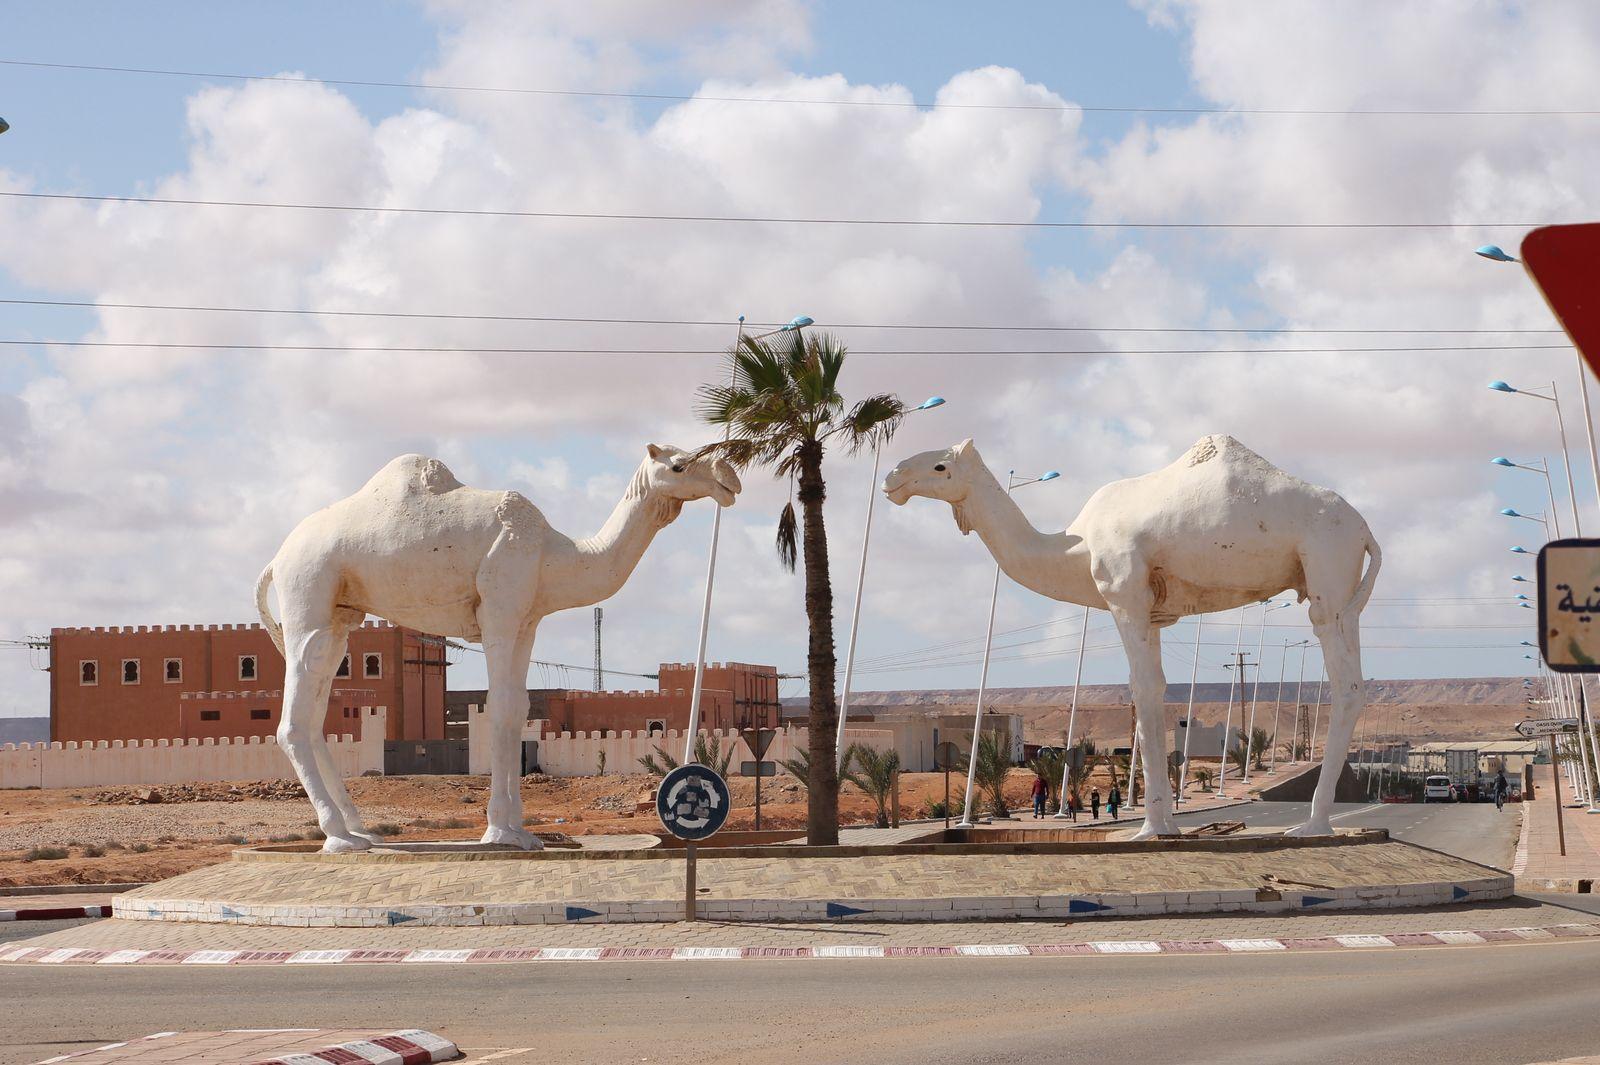 Ce sont deux dromadaires blancs, gigantesques, qui accueillent le visiteur à l'entrée de la ville